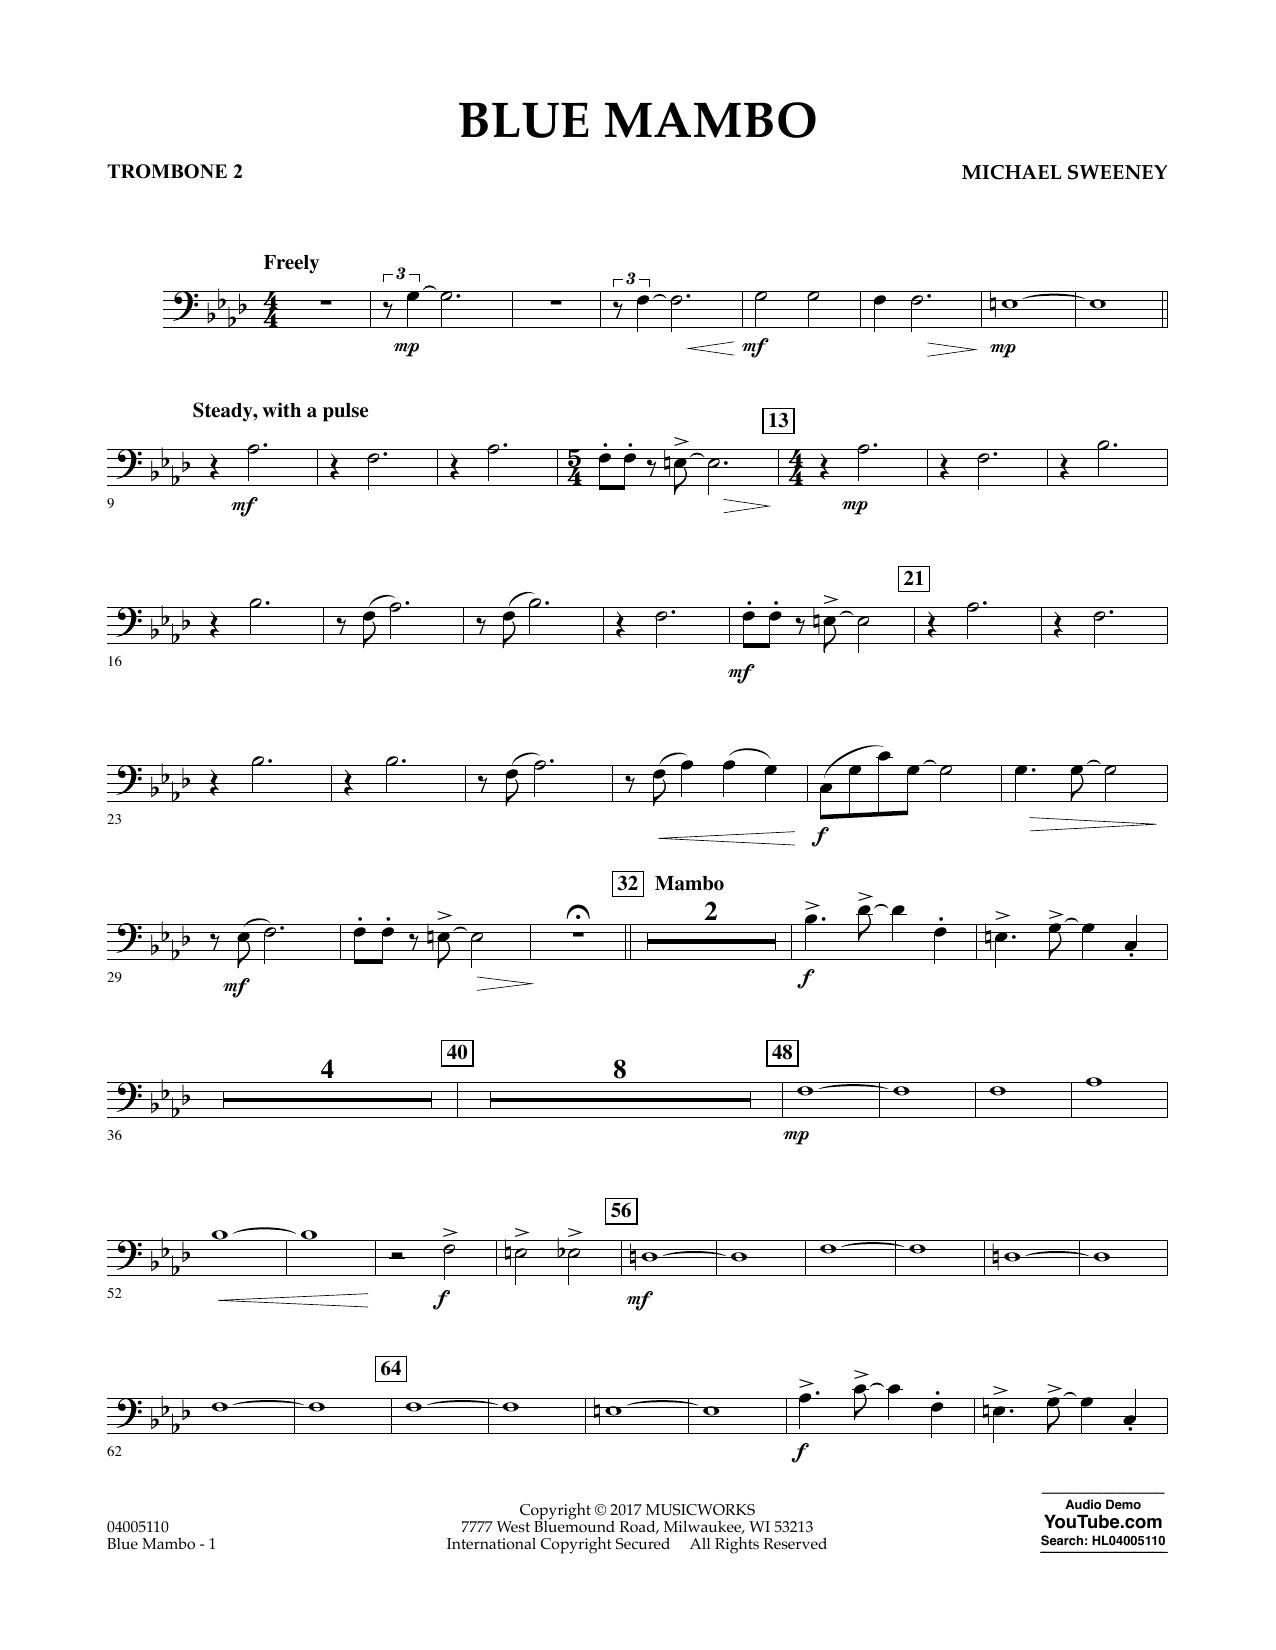 Blue Mambo - Trombone 2 Sheet Music